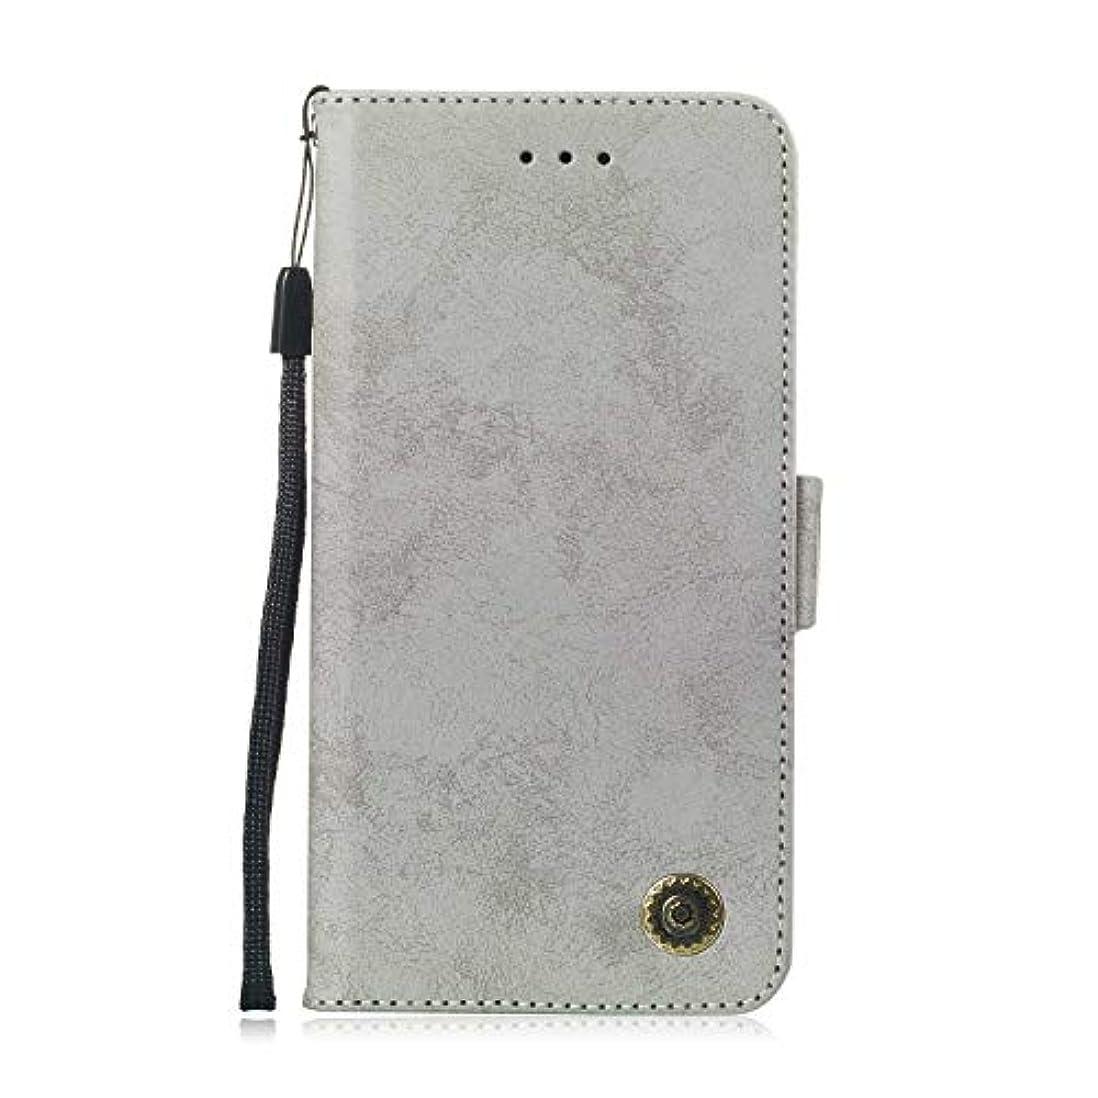 雇う好奇心ドキドキZeebox® Huawei Mate 20 Lite 手帳型ケース Huawei Mate 20 Lite 手帳型カバー 財布型 合皮PUレザー マグネット式 保護ケース カード収納 スタンド 機能 (グレー #5)